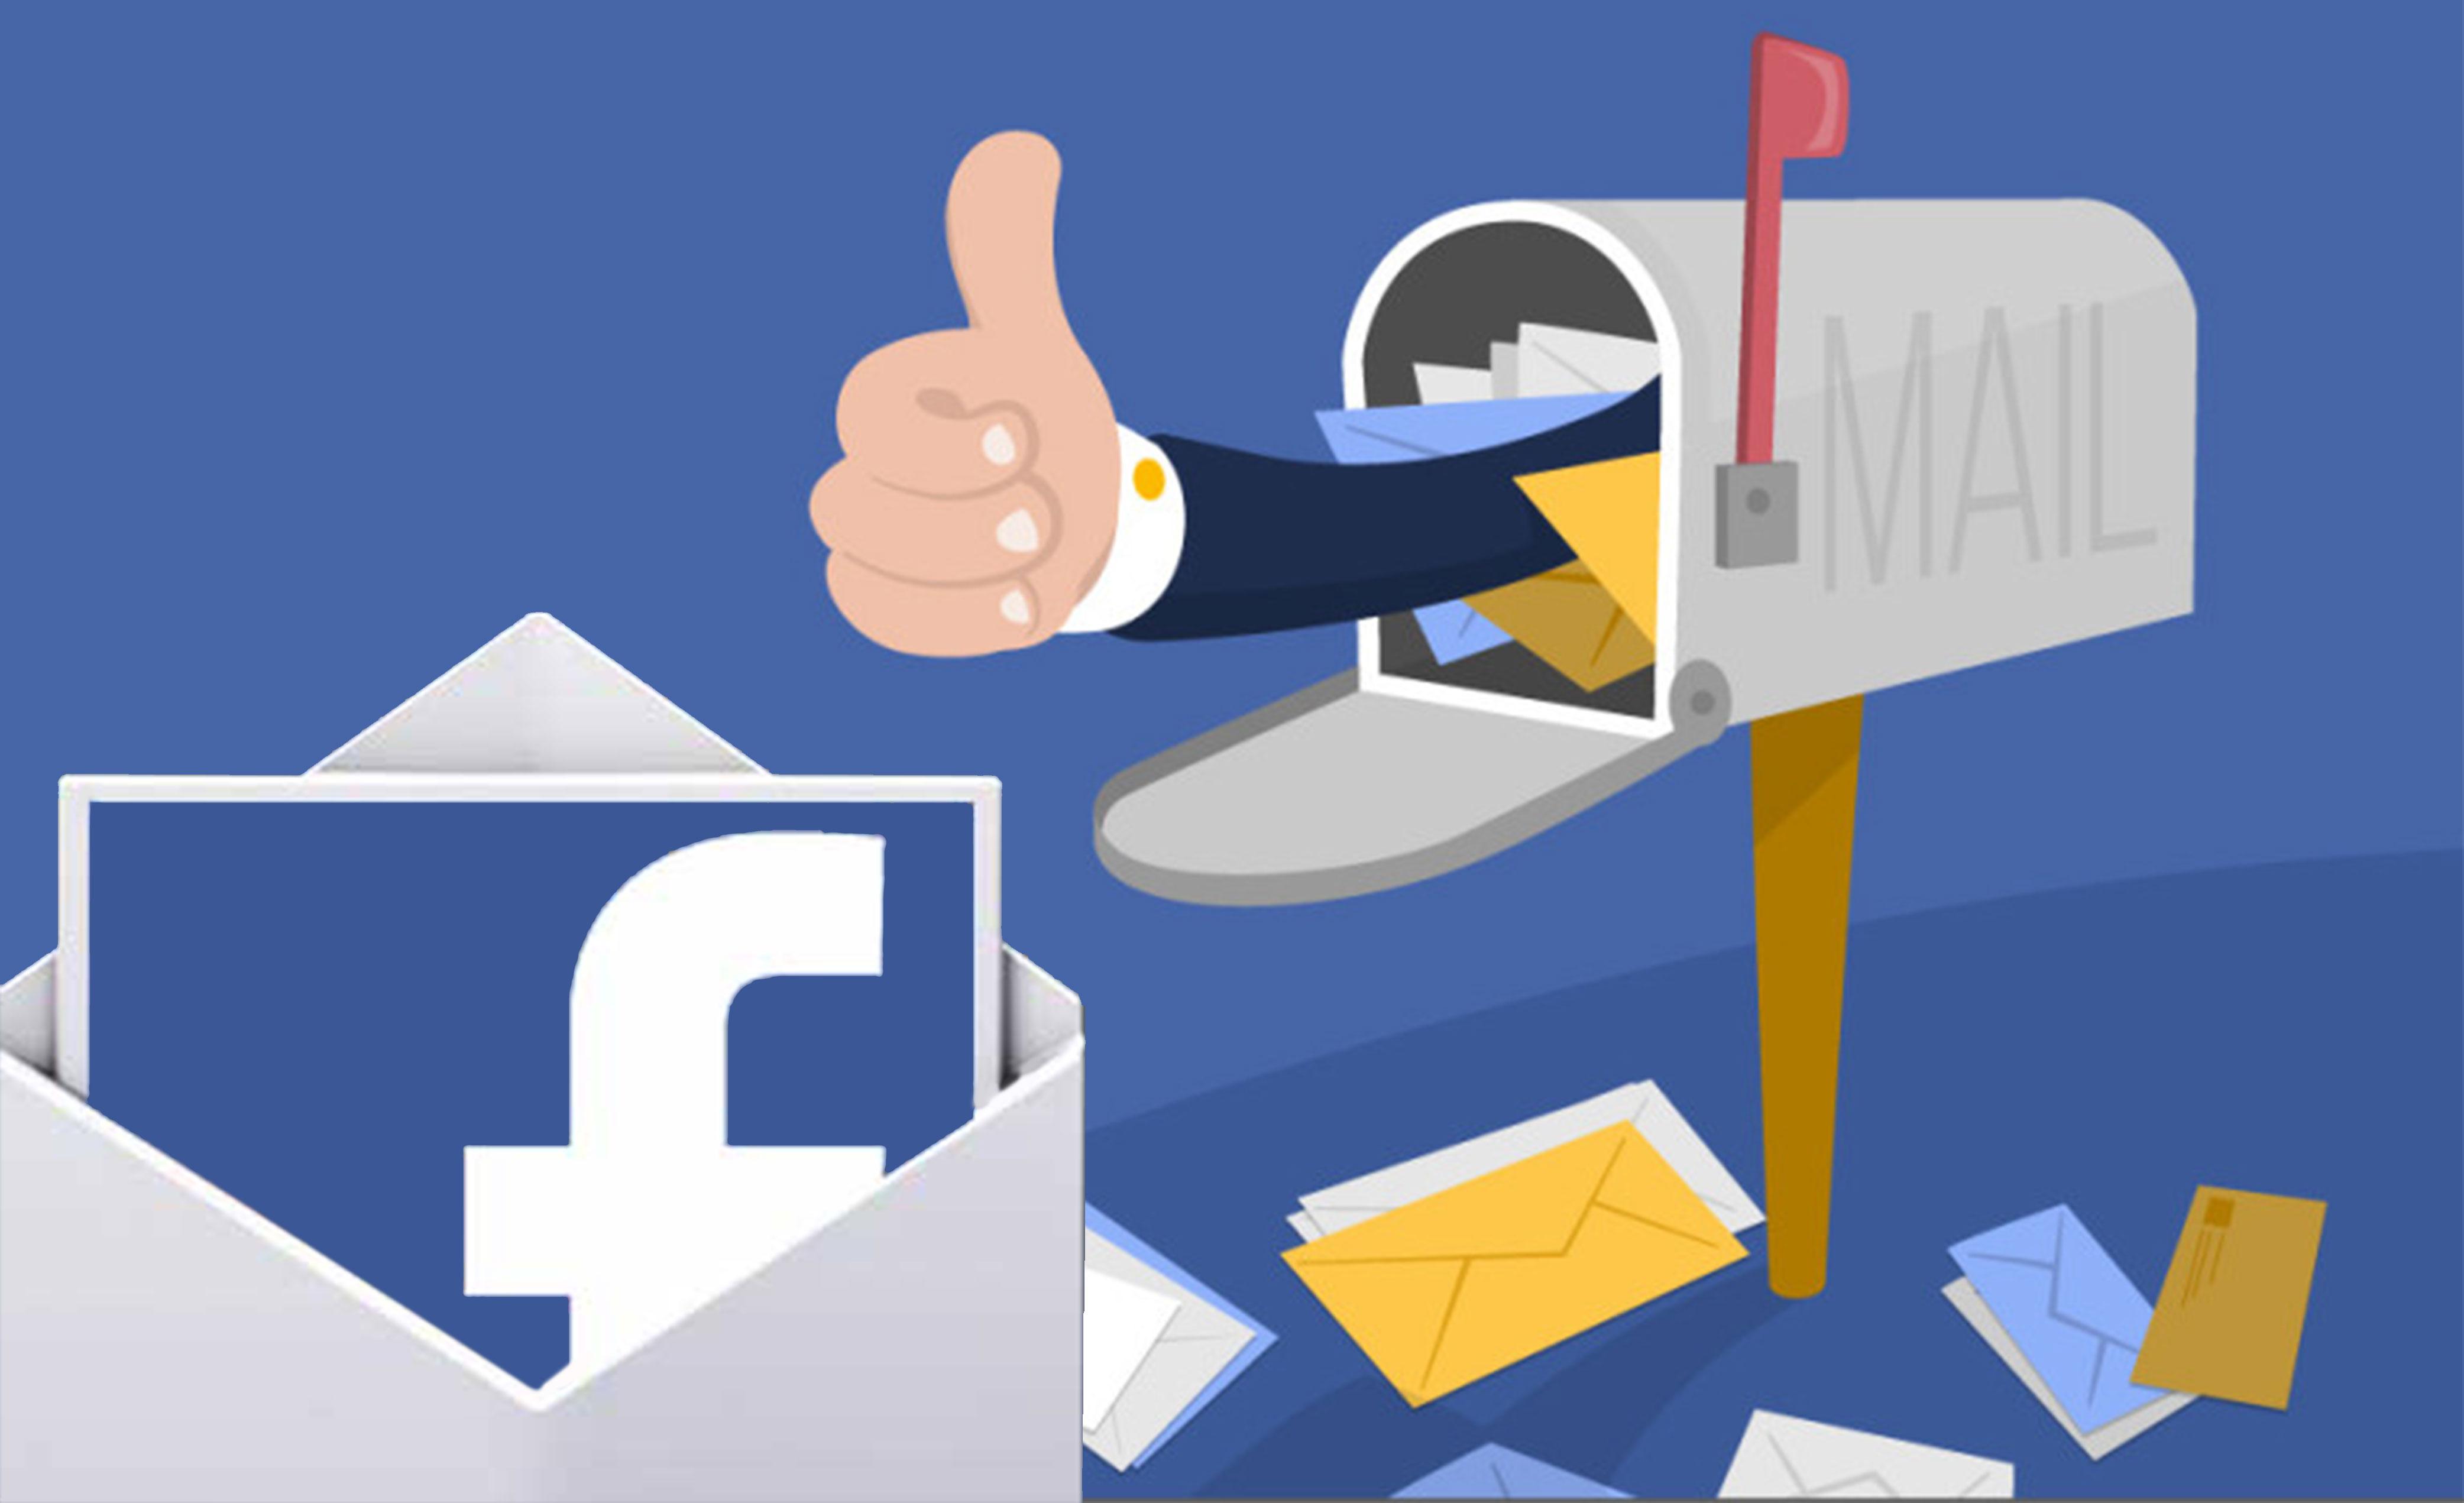 Facebook per strategie email marketing? Ecco come fare